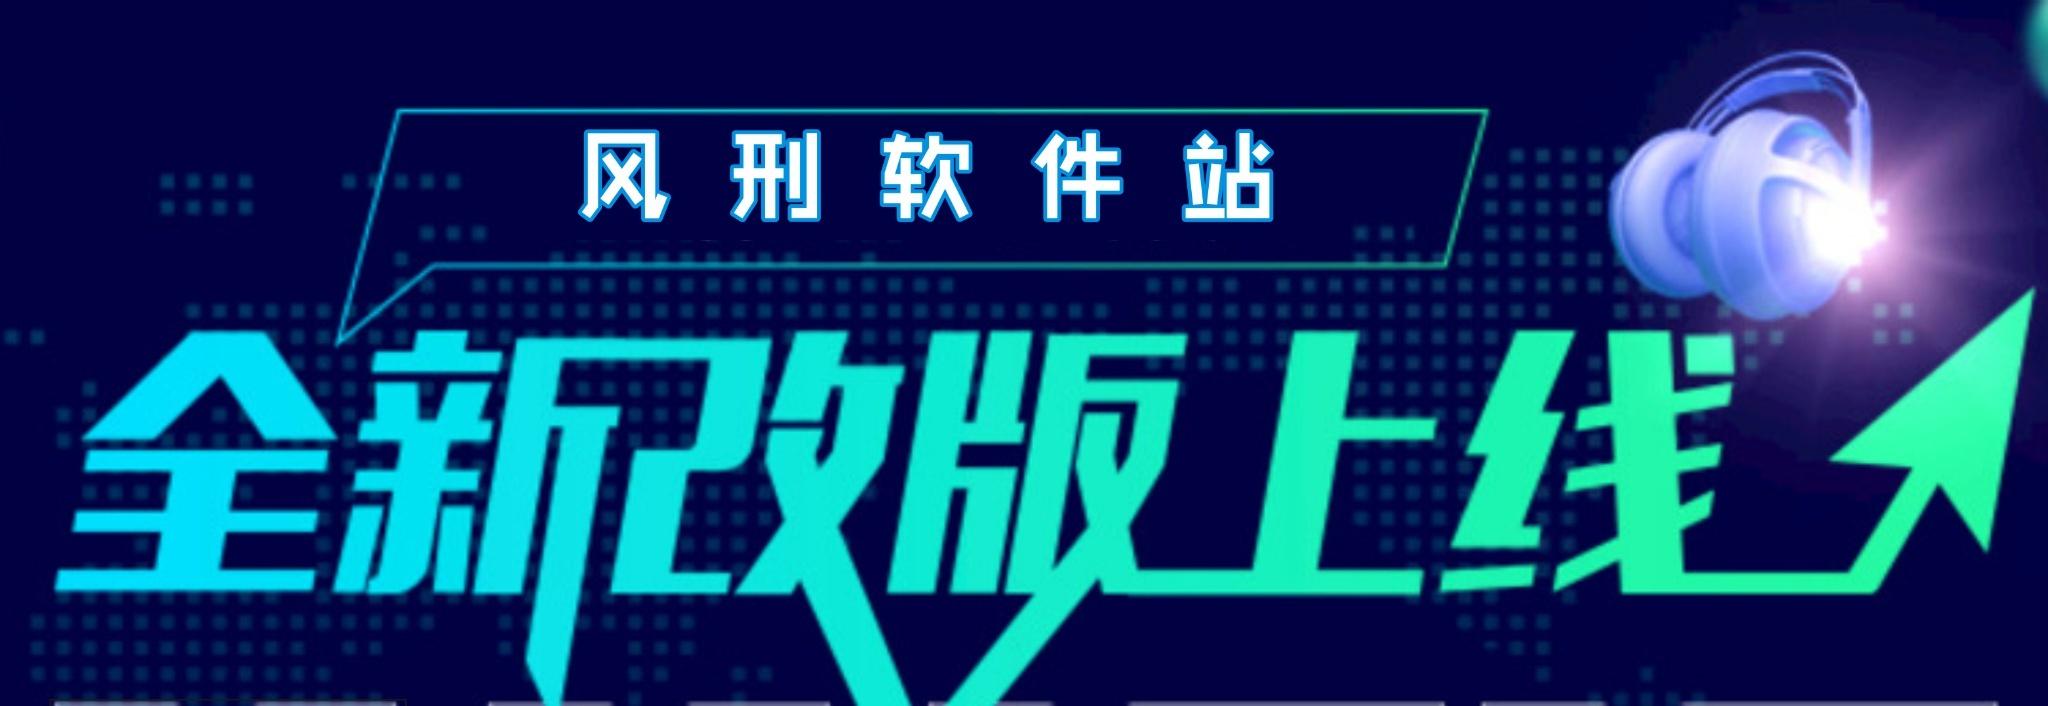 网站改版20180712-风刑软件站